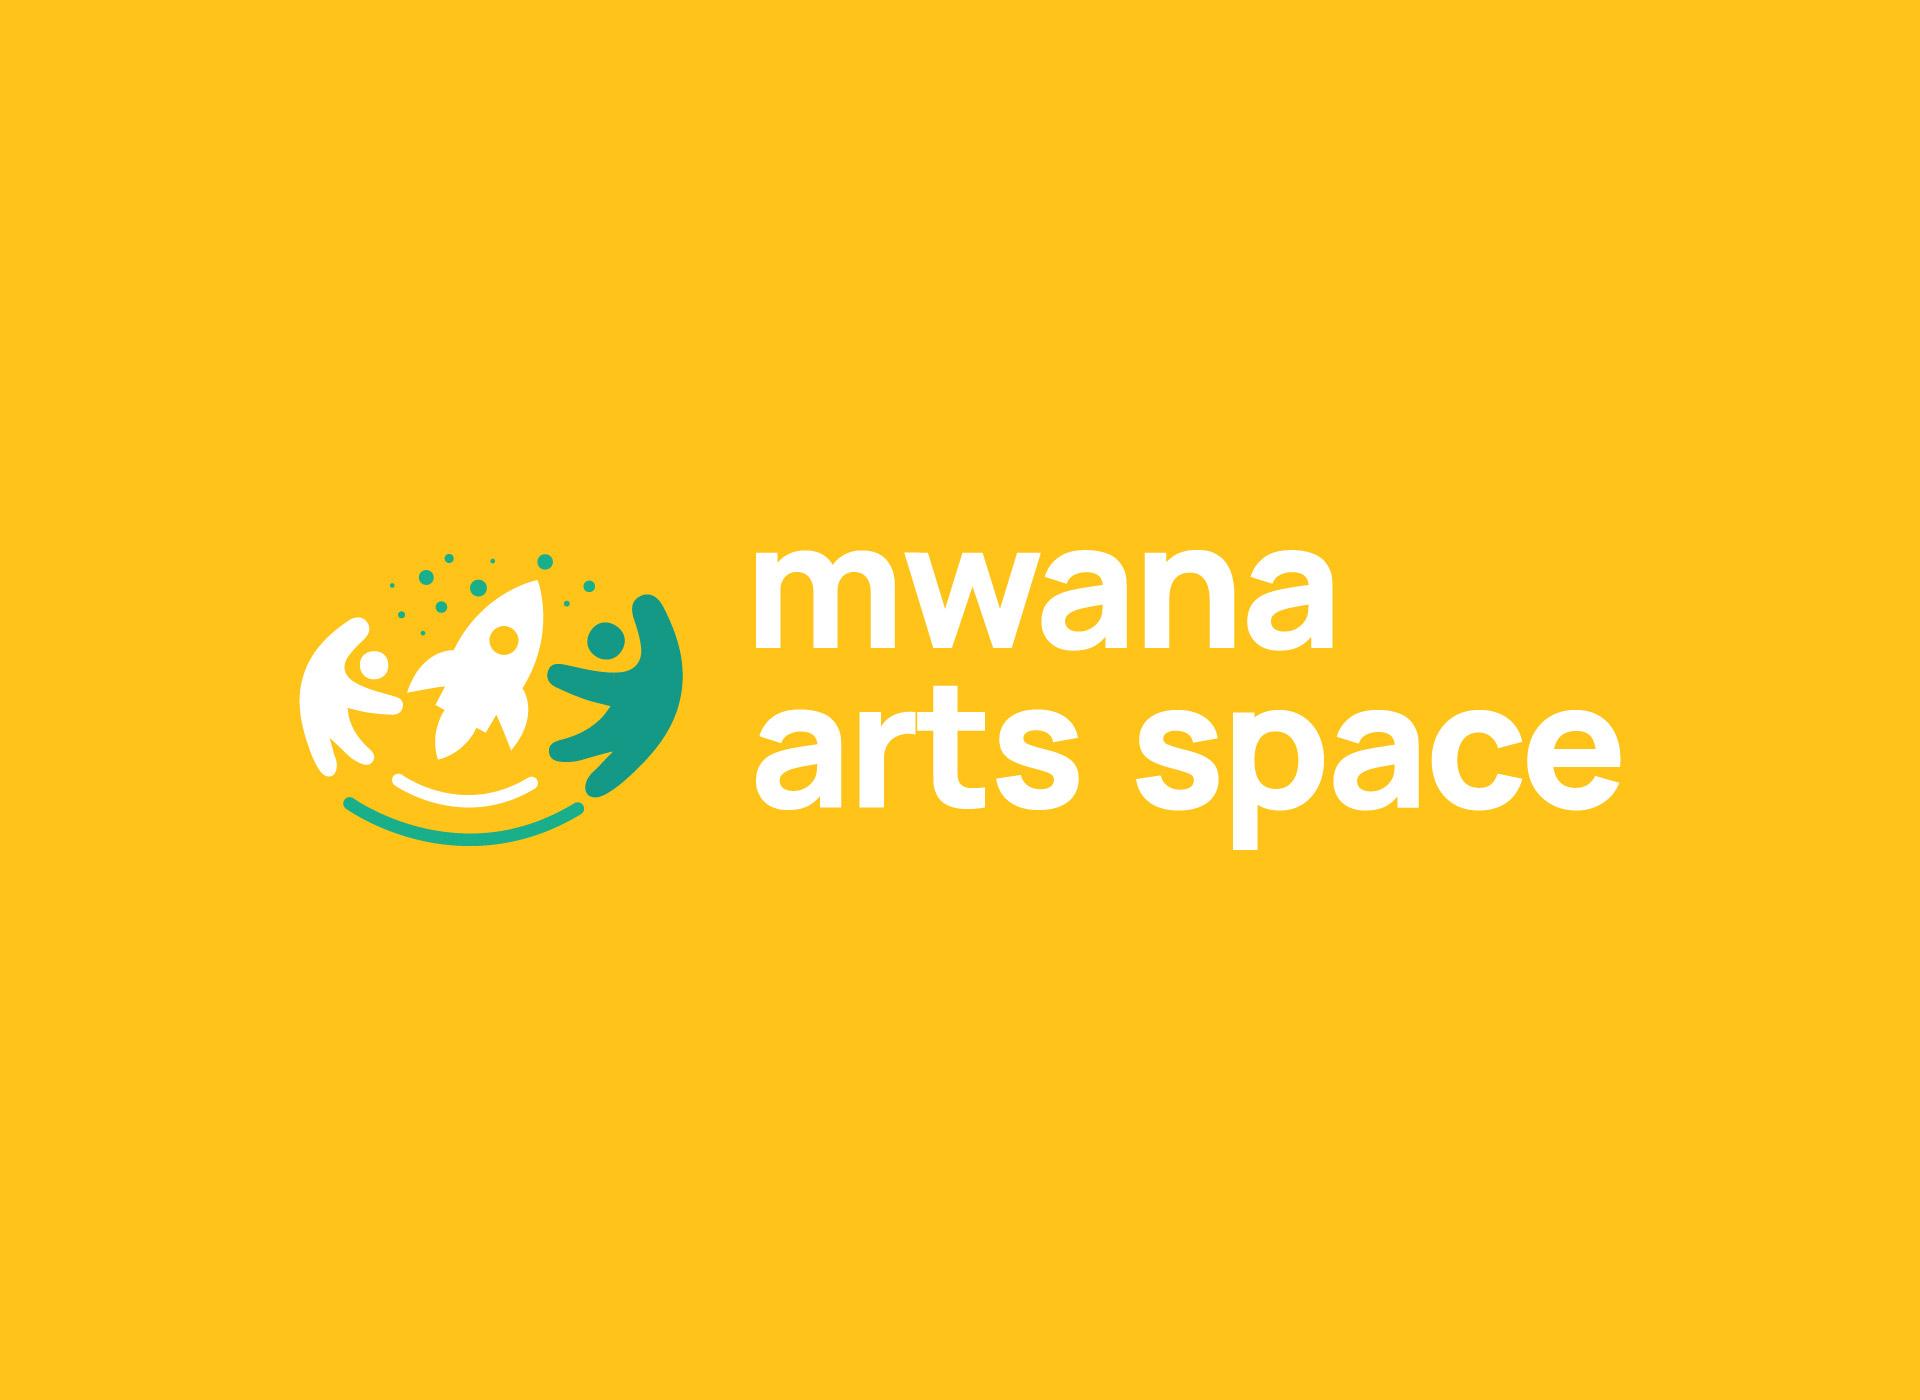 Mwana Arts Space logo variant 2